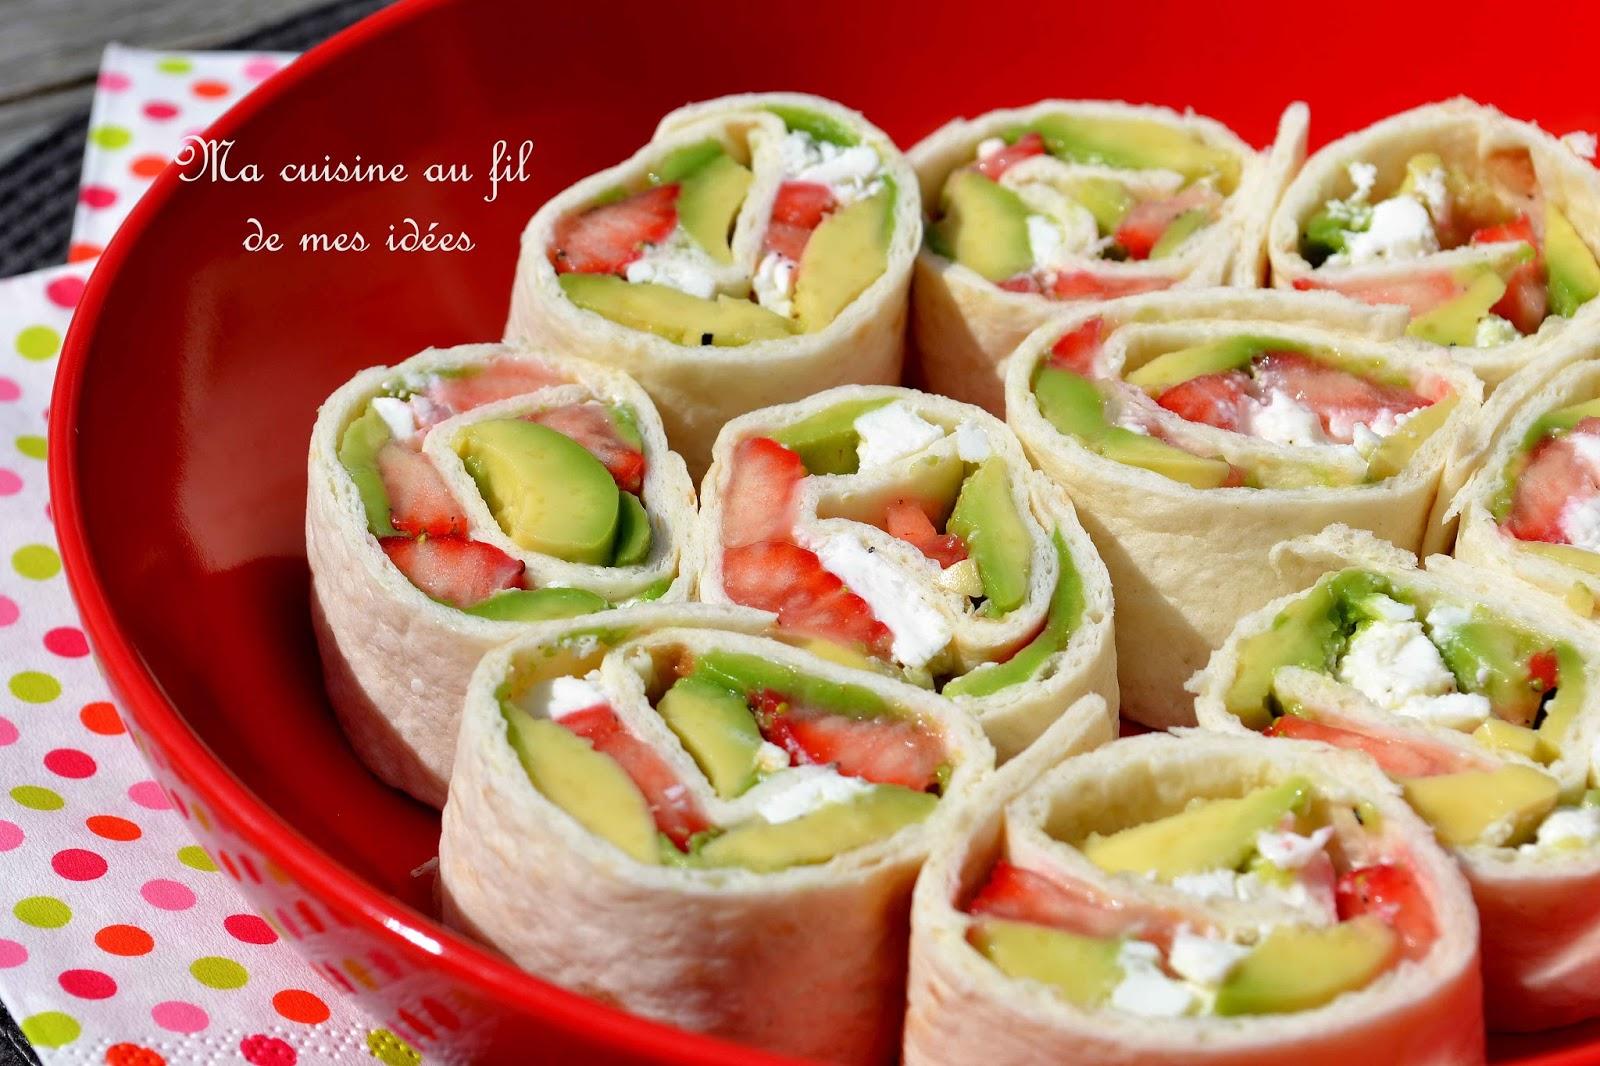 Ma cuisine au fil de mes idées...: Wraps à l'avocat, fraises et feta pour l'apéro